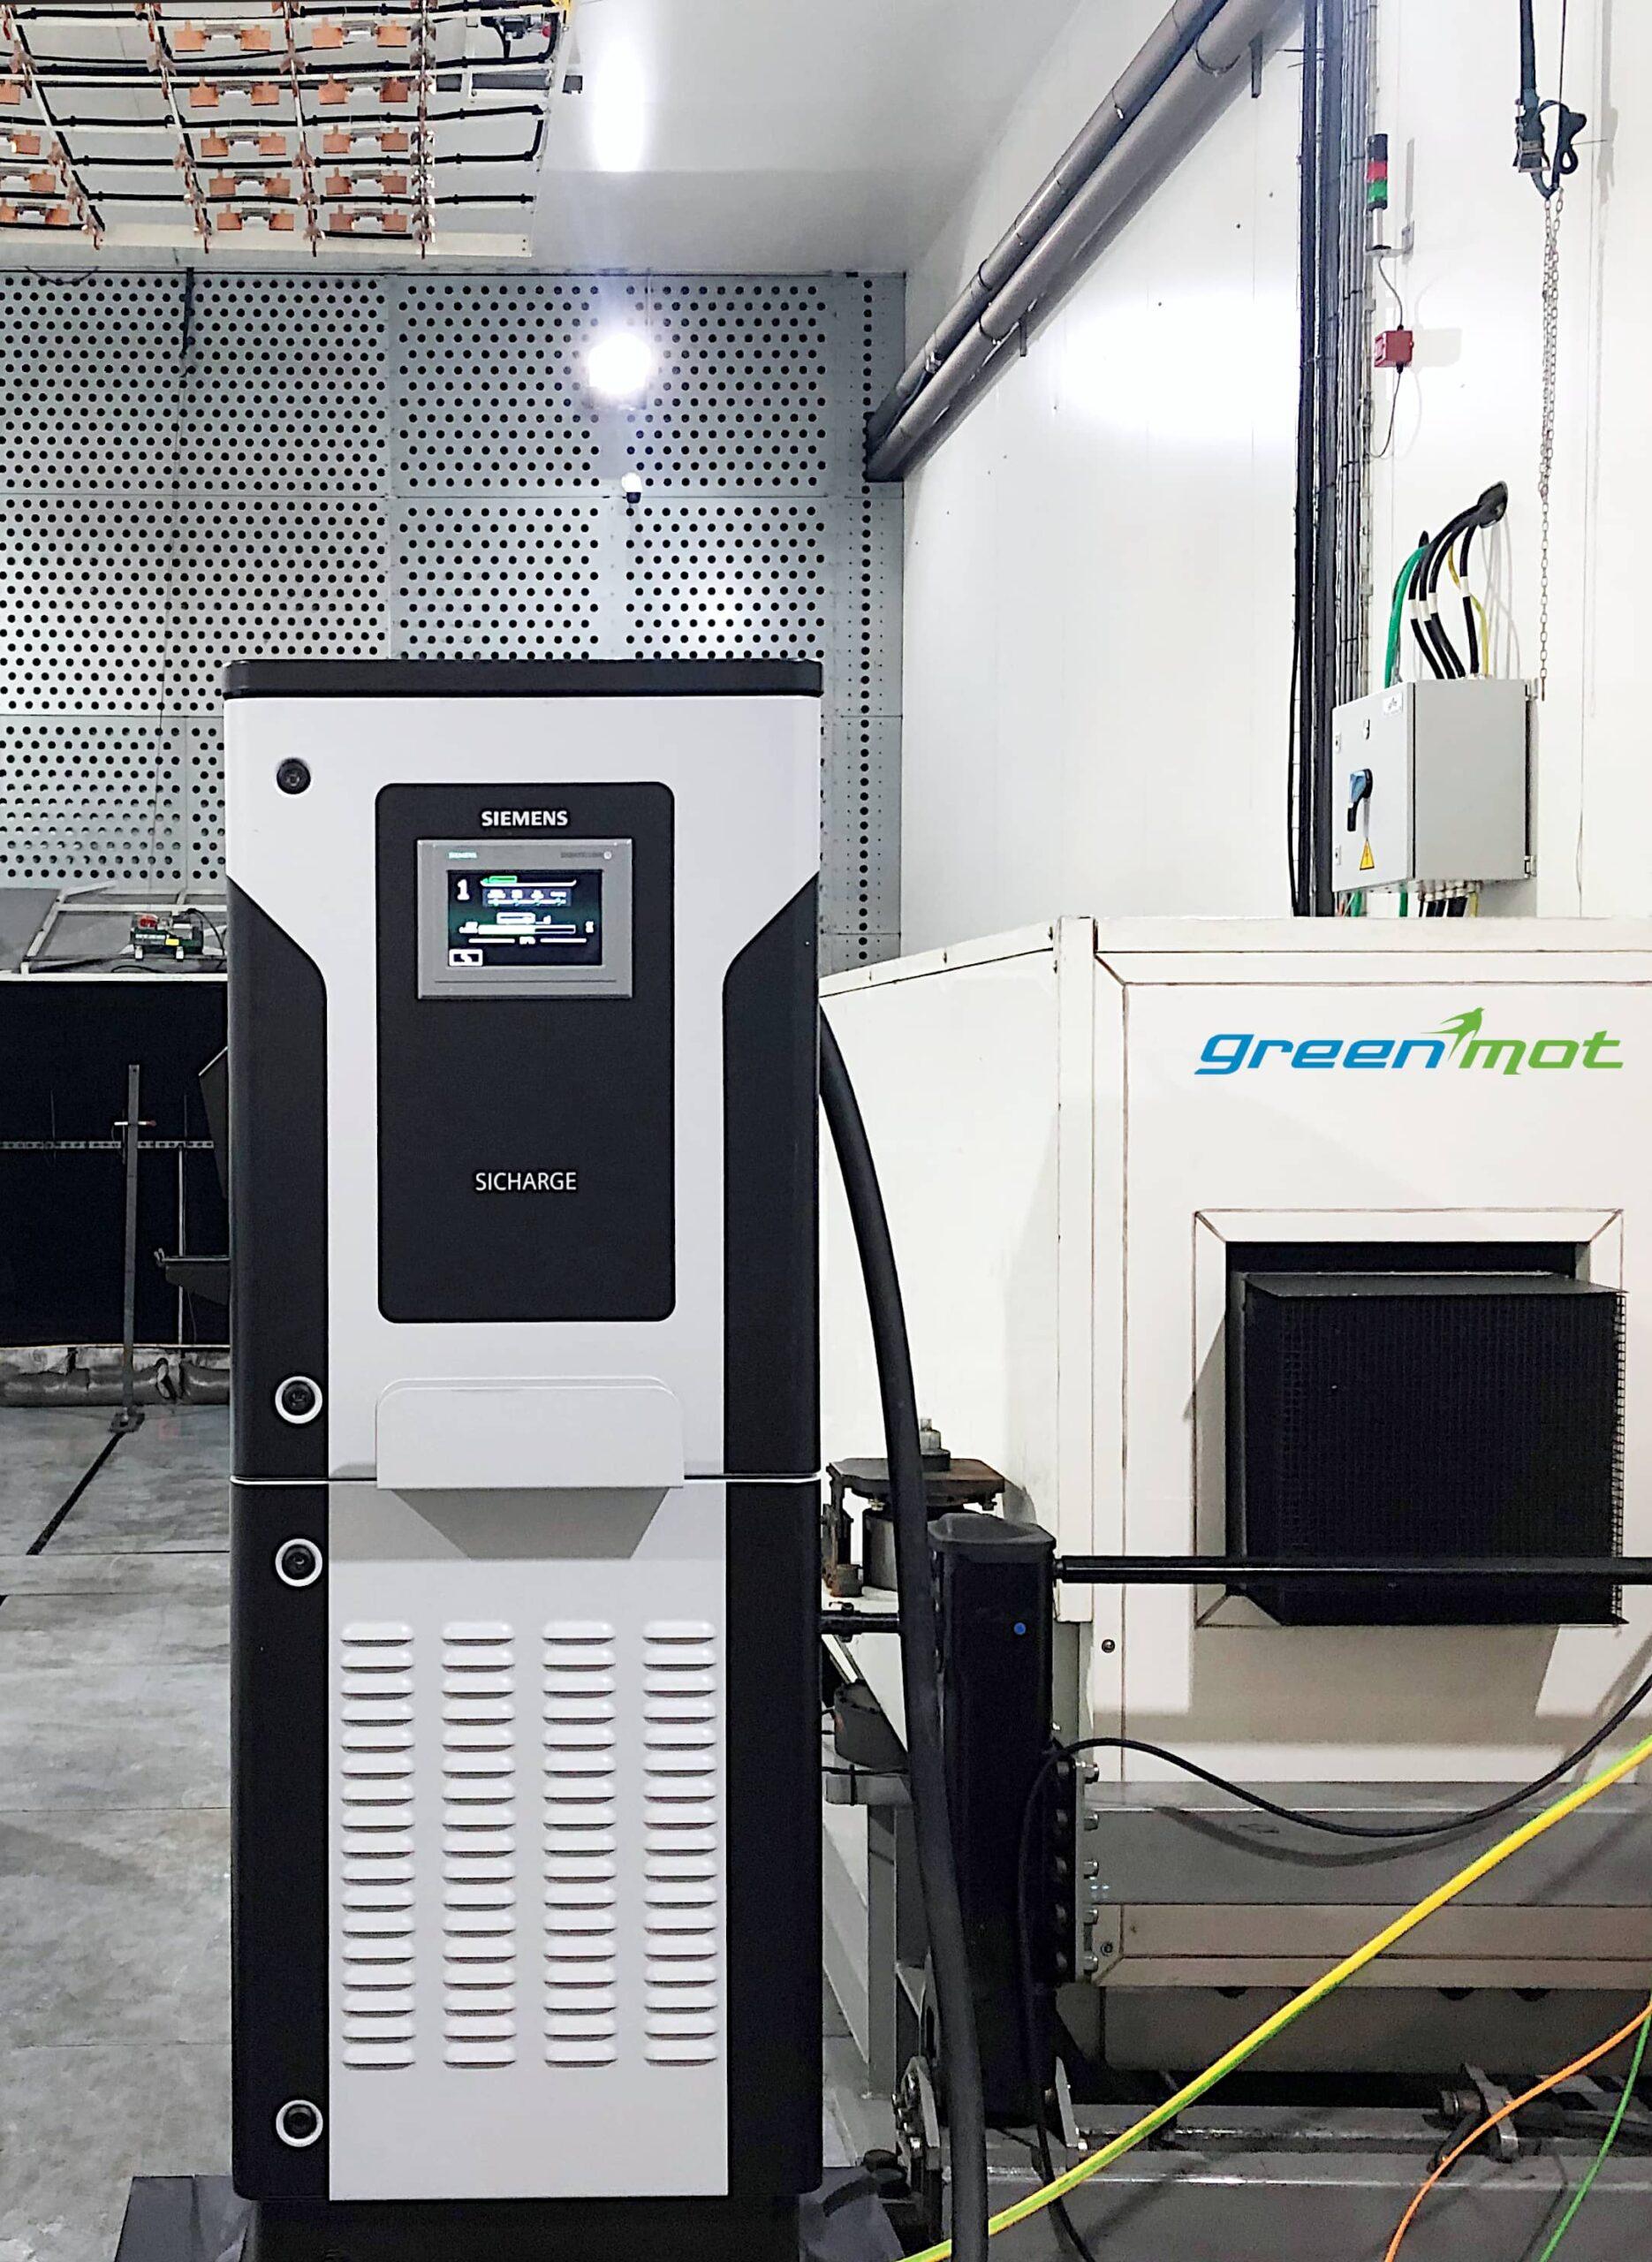 borne recharge SICHARGE dans cellule d'essais Greenmot